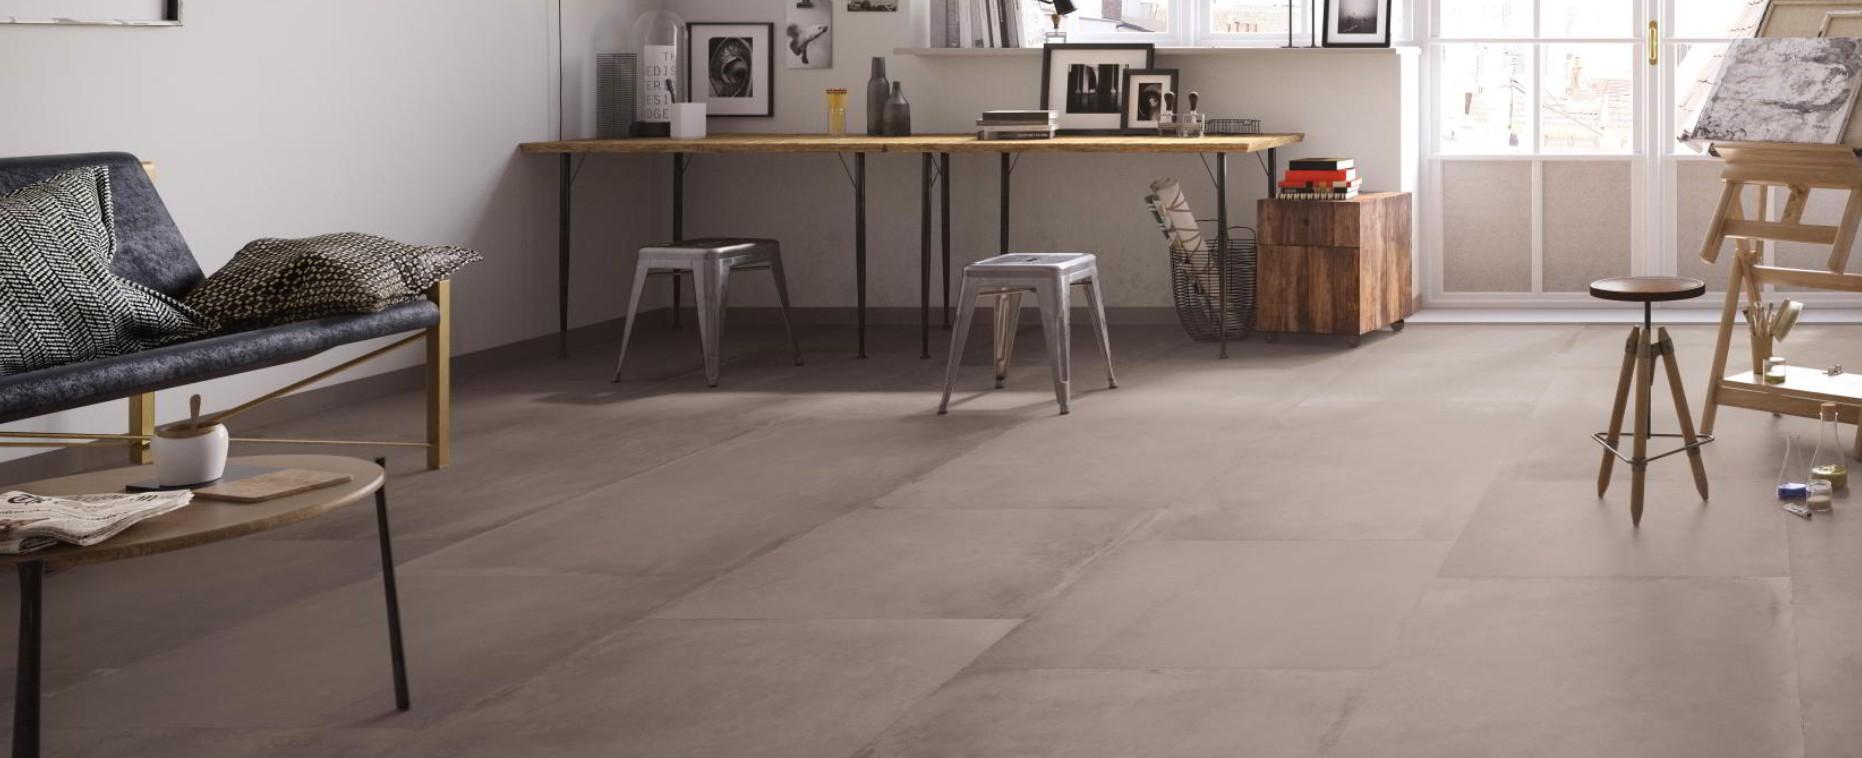 carrelage exterieur et dalle piscine carrelage en ligne faiences cuisine sanitaire toulouse paris. Black Bedroom Furniture Sets. Home Design Ideas